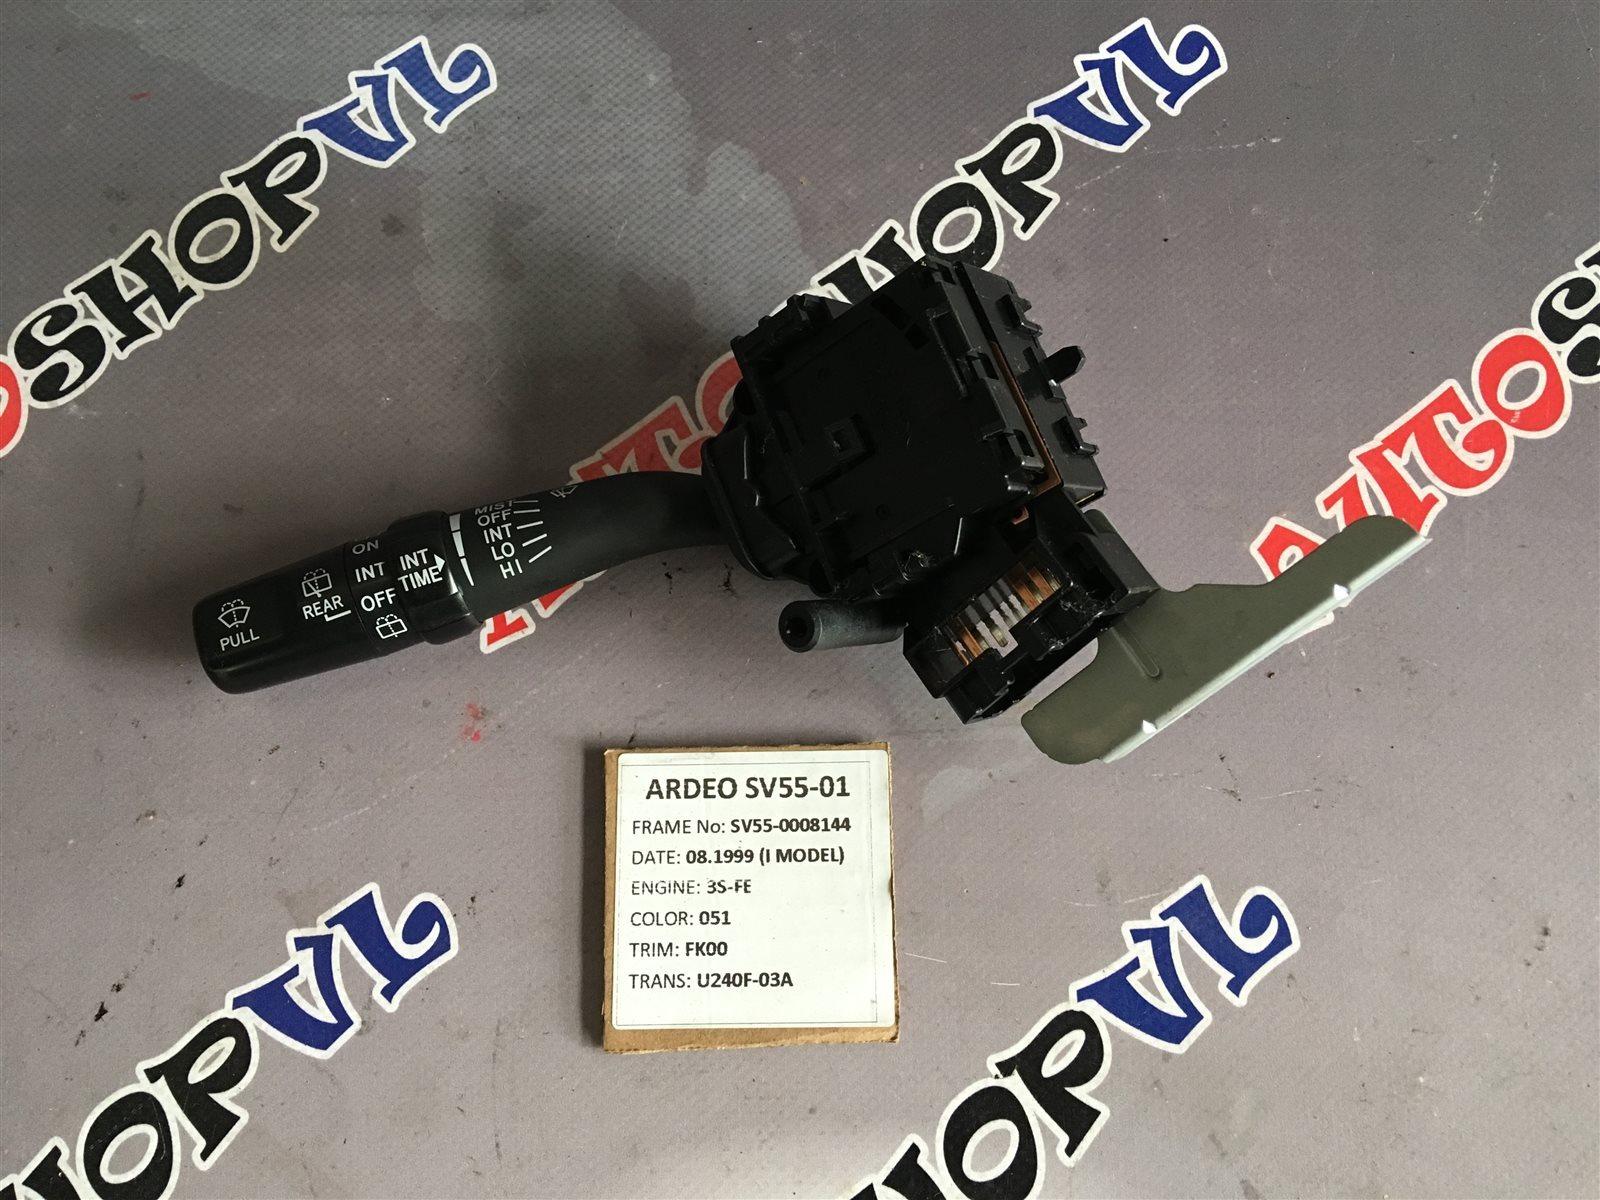 Блок подрулевых переключателей Toyota Vista Ardeo AZV50 левый (б/у)